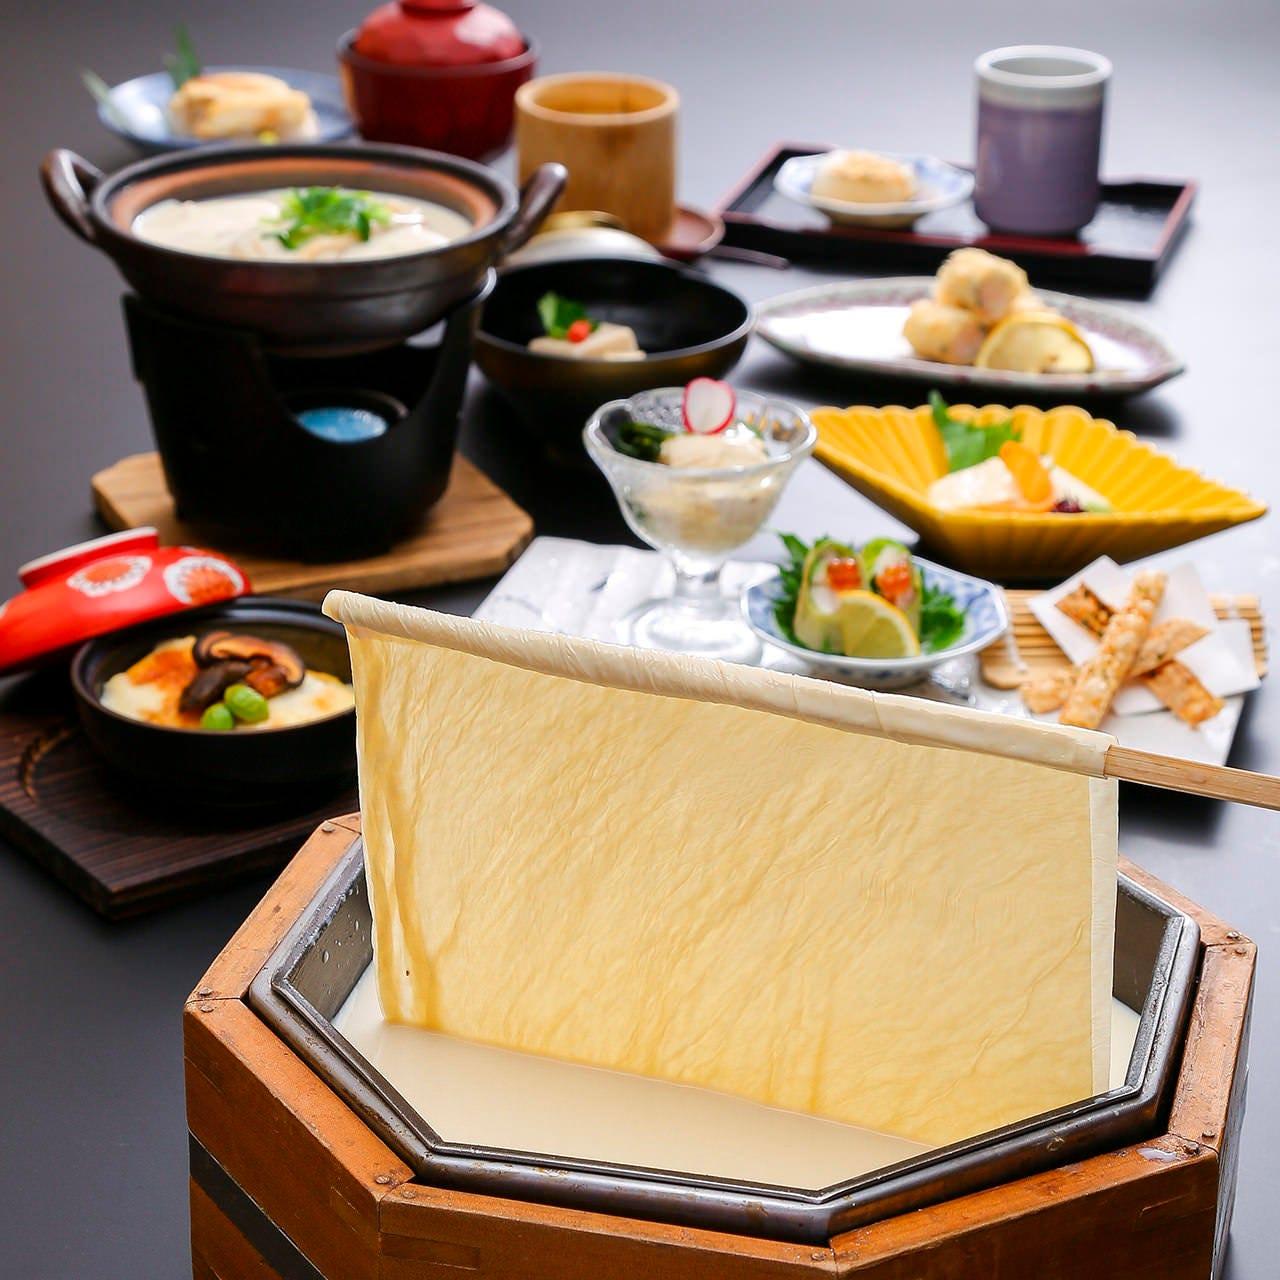 京豆富と湯葉の豆乳小鍋付 『ゆばどすえ-楽-』